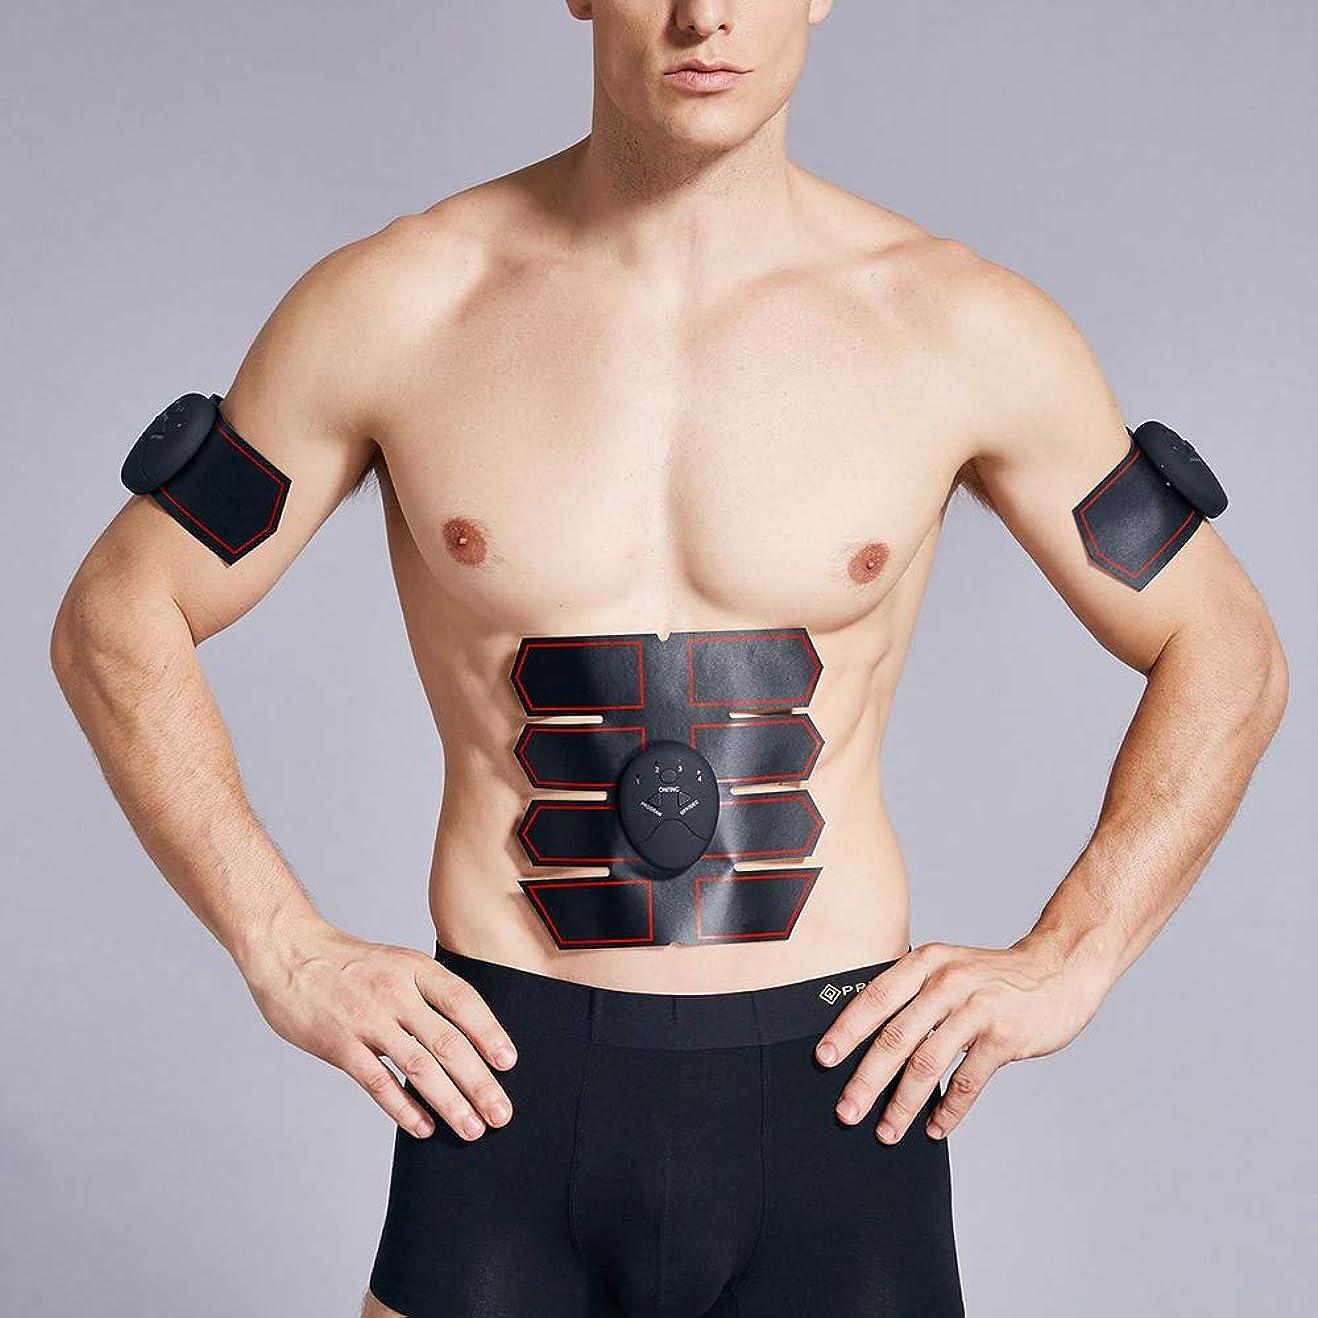 パンダストレスお祝い新しい腹筋トレーナーEMSワイヤレス筋肉刺激装置体重減少腹部トレーナー美容機全身マッサージエクササイズフィットネス機器ユニセックス,Black